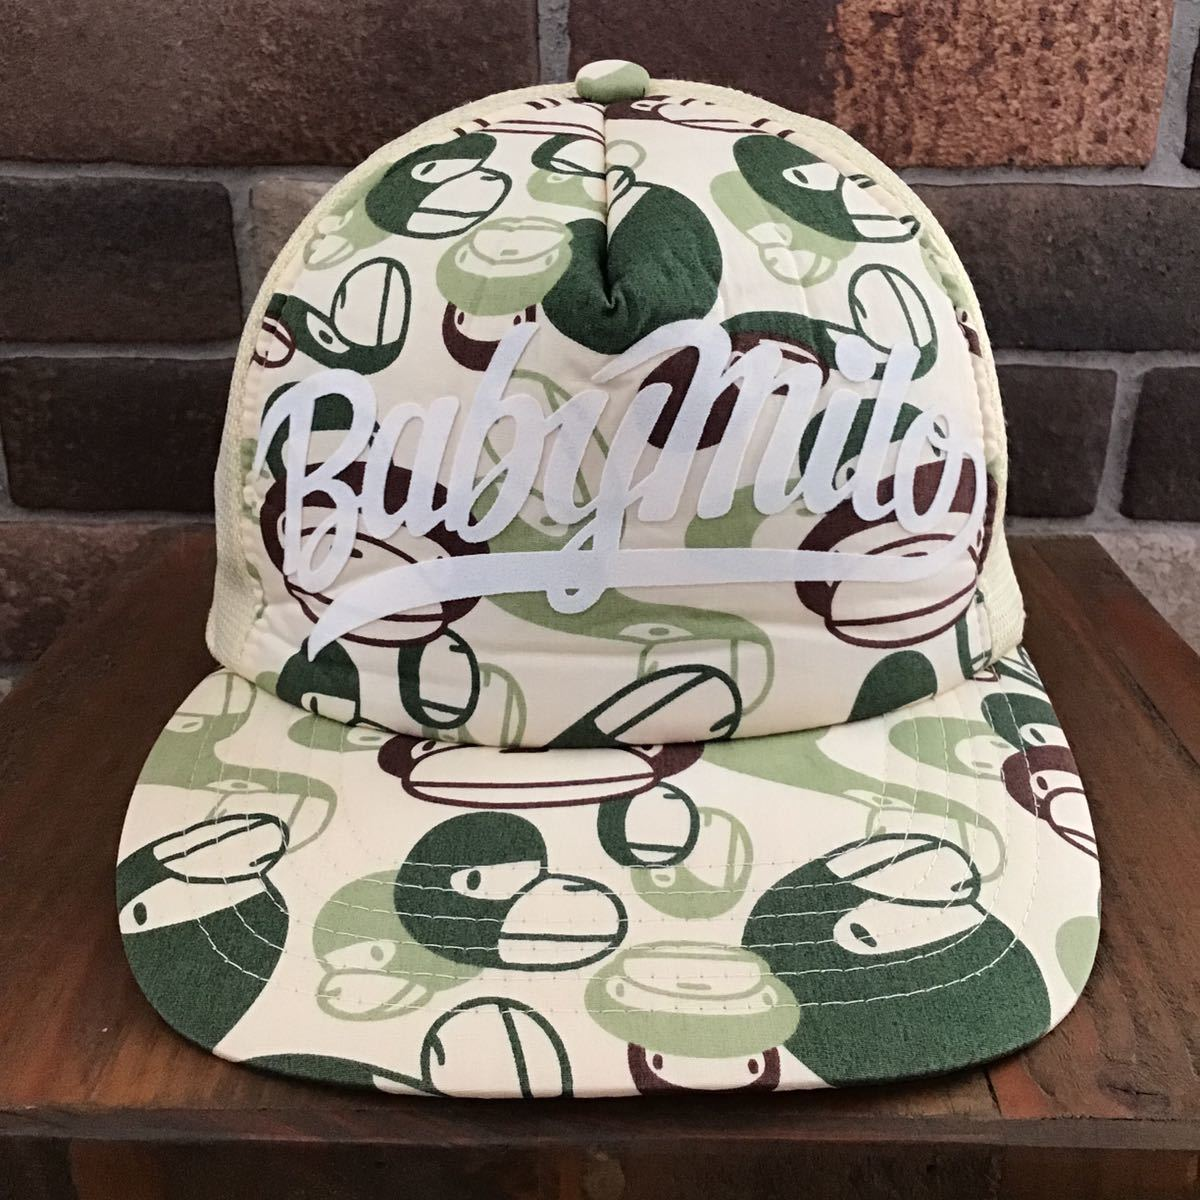 マイロカモ メッシュキャップ green a bathing ape BAPE エイプ ベイプ アベイシングエイプ baby milo camo cap trucker hat 帽子 迷彩 212